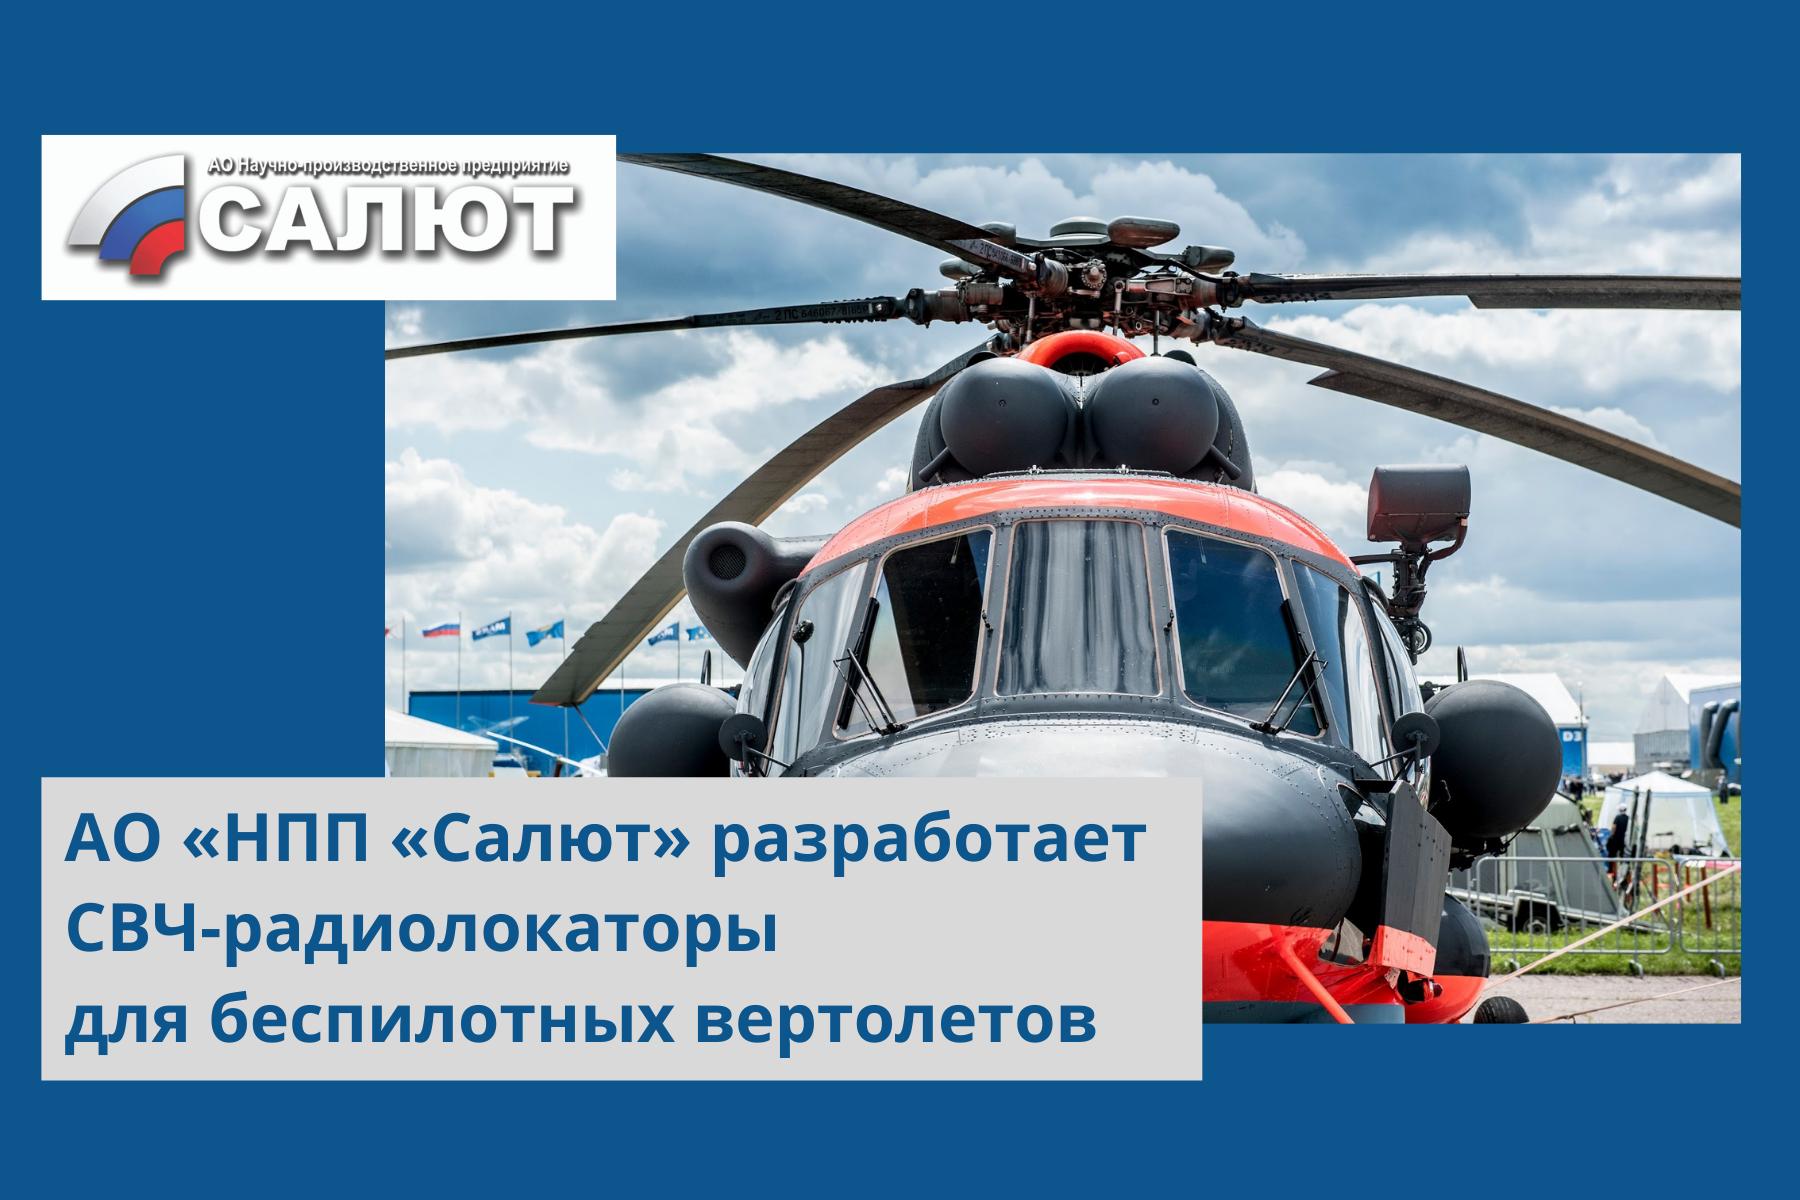 СВЧ-радиолокаторы для малоразмерных и беспилотных вертолетов